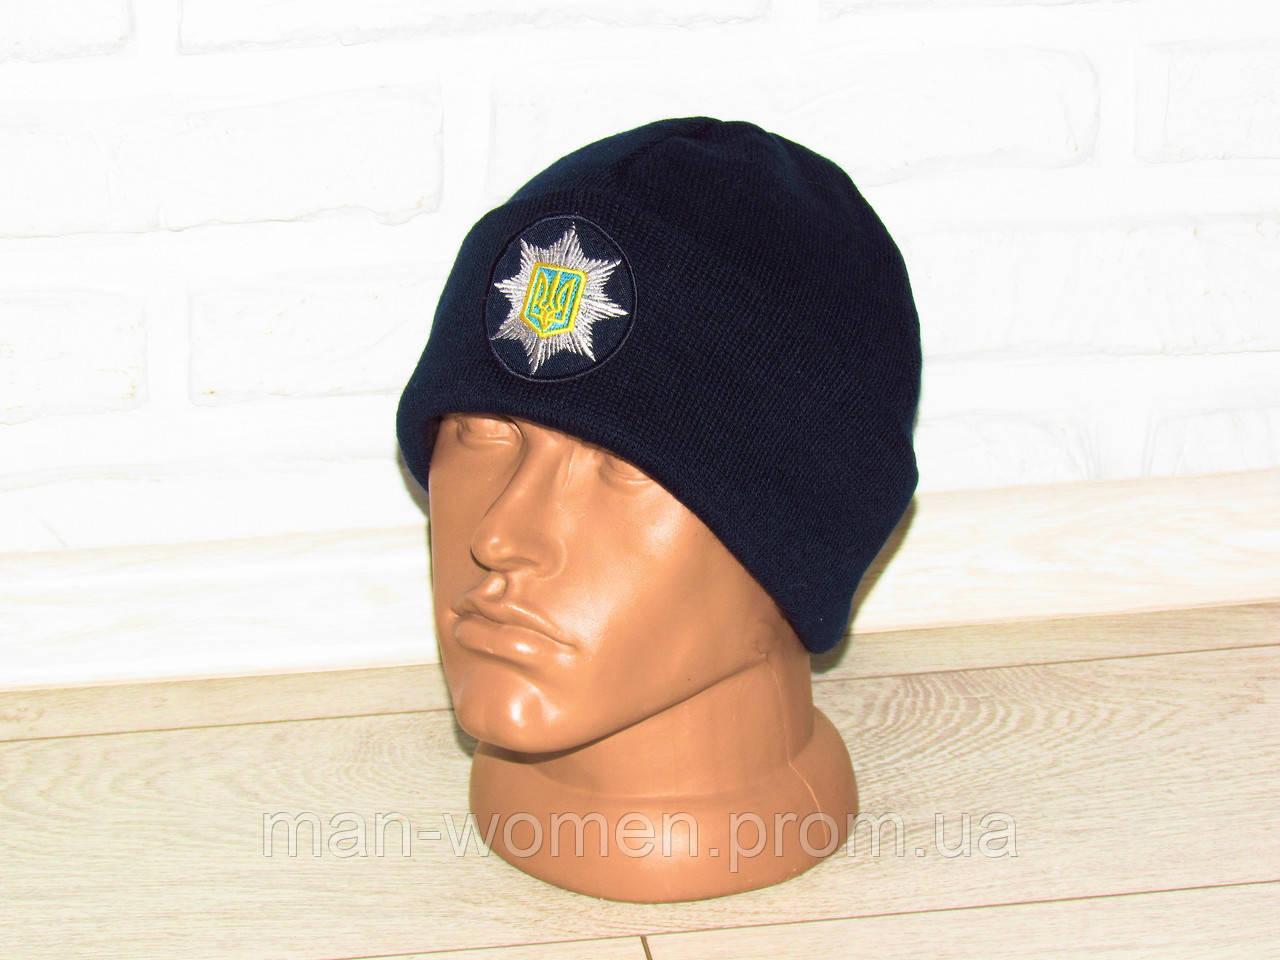 Шапка синего цвета, для нацполиции Украины. Форменная шапка для национальной полиции, фото 1